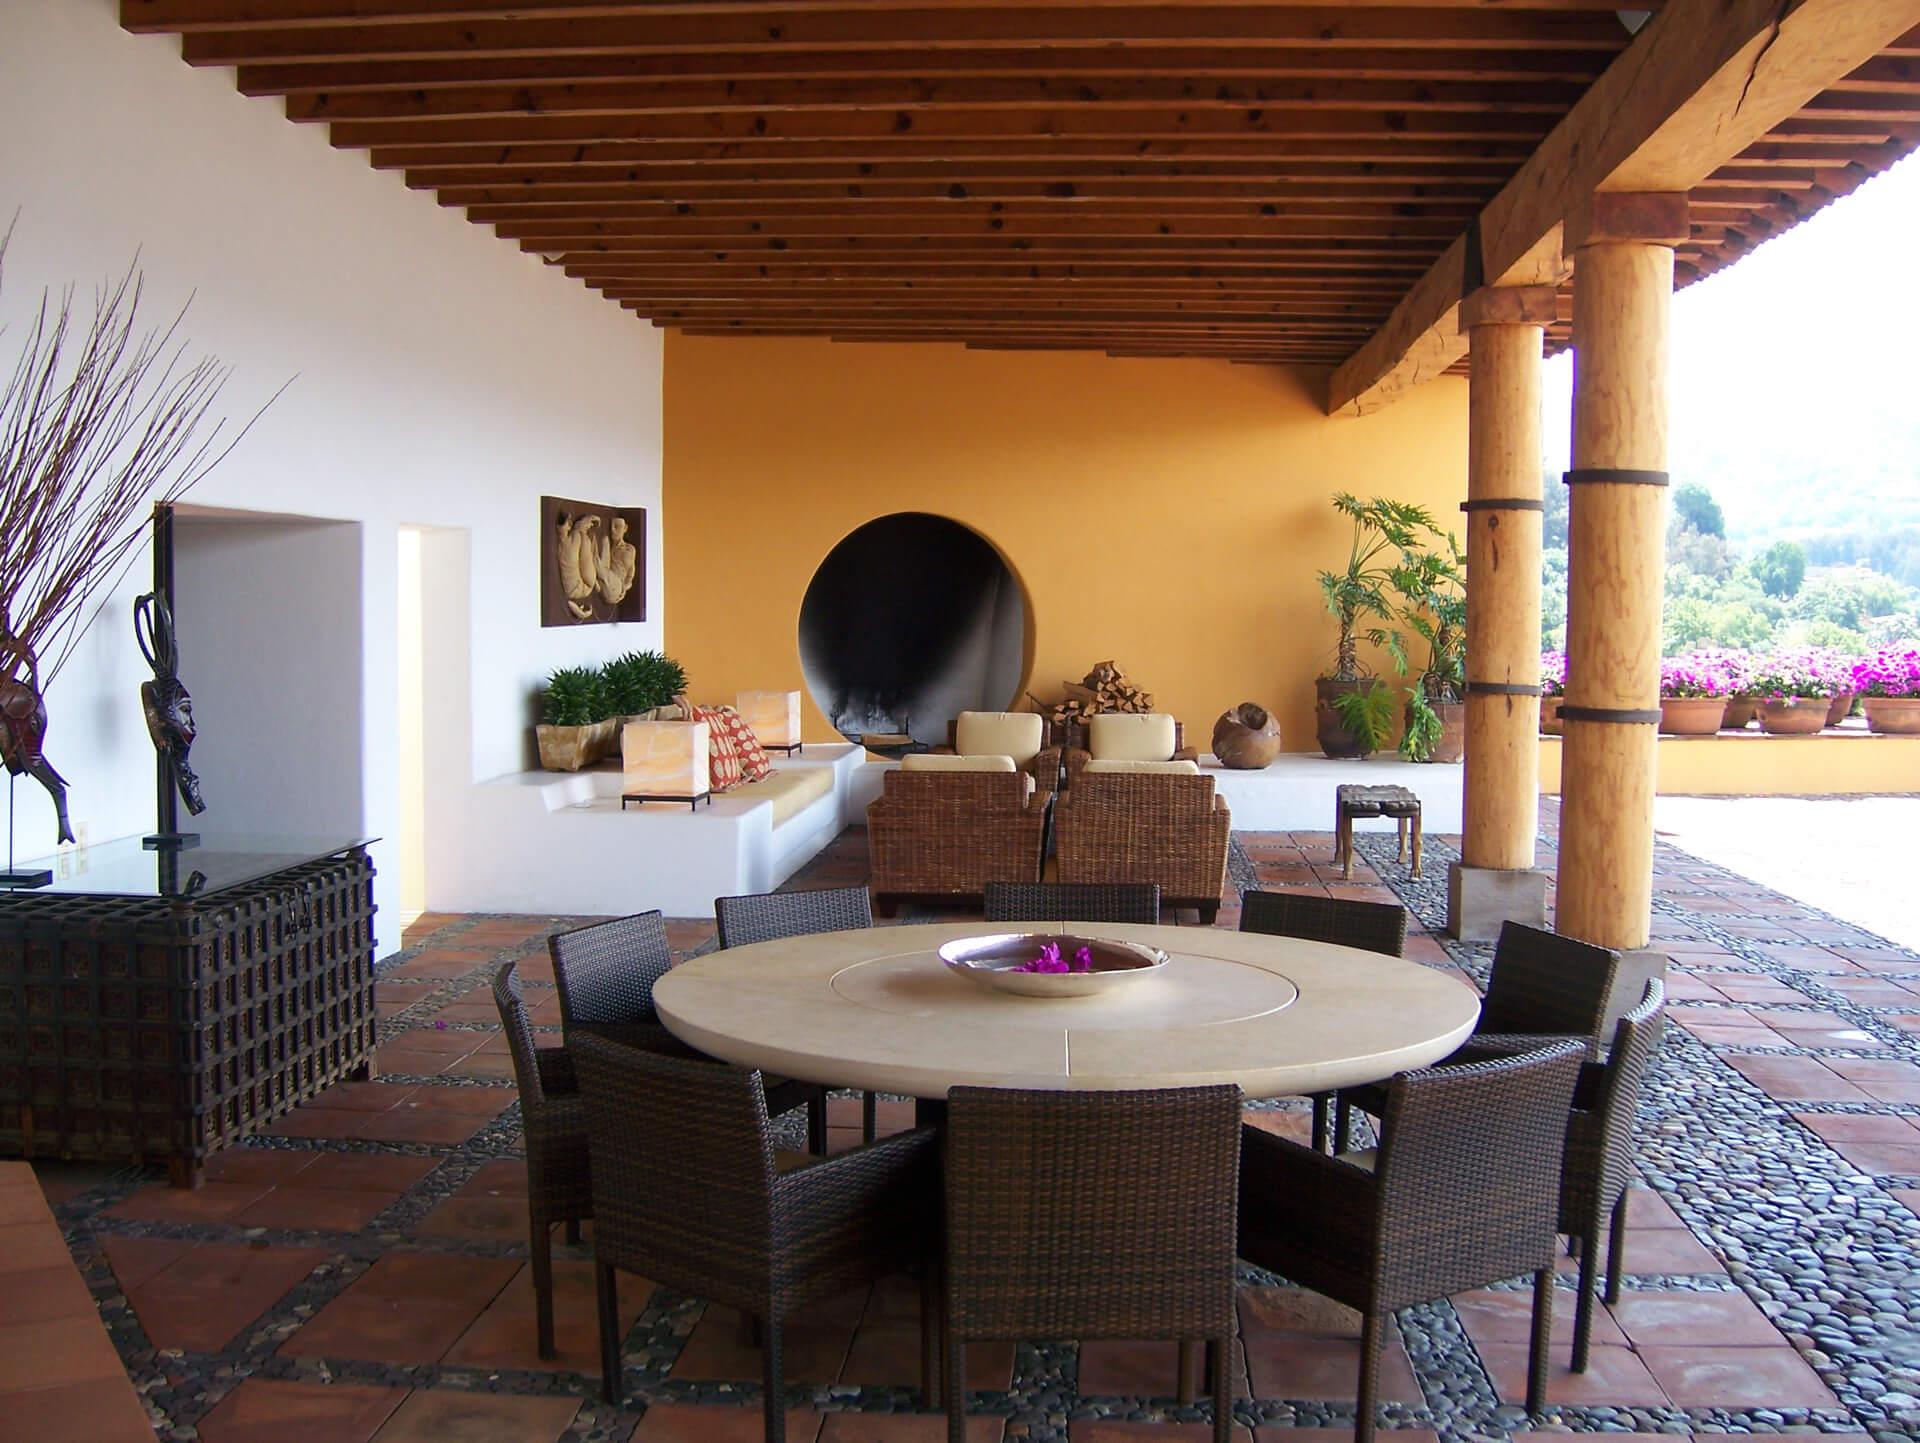 Estilo Mexicano Valle De Bravo Azul Hicks # Muebles Valle De Bravo